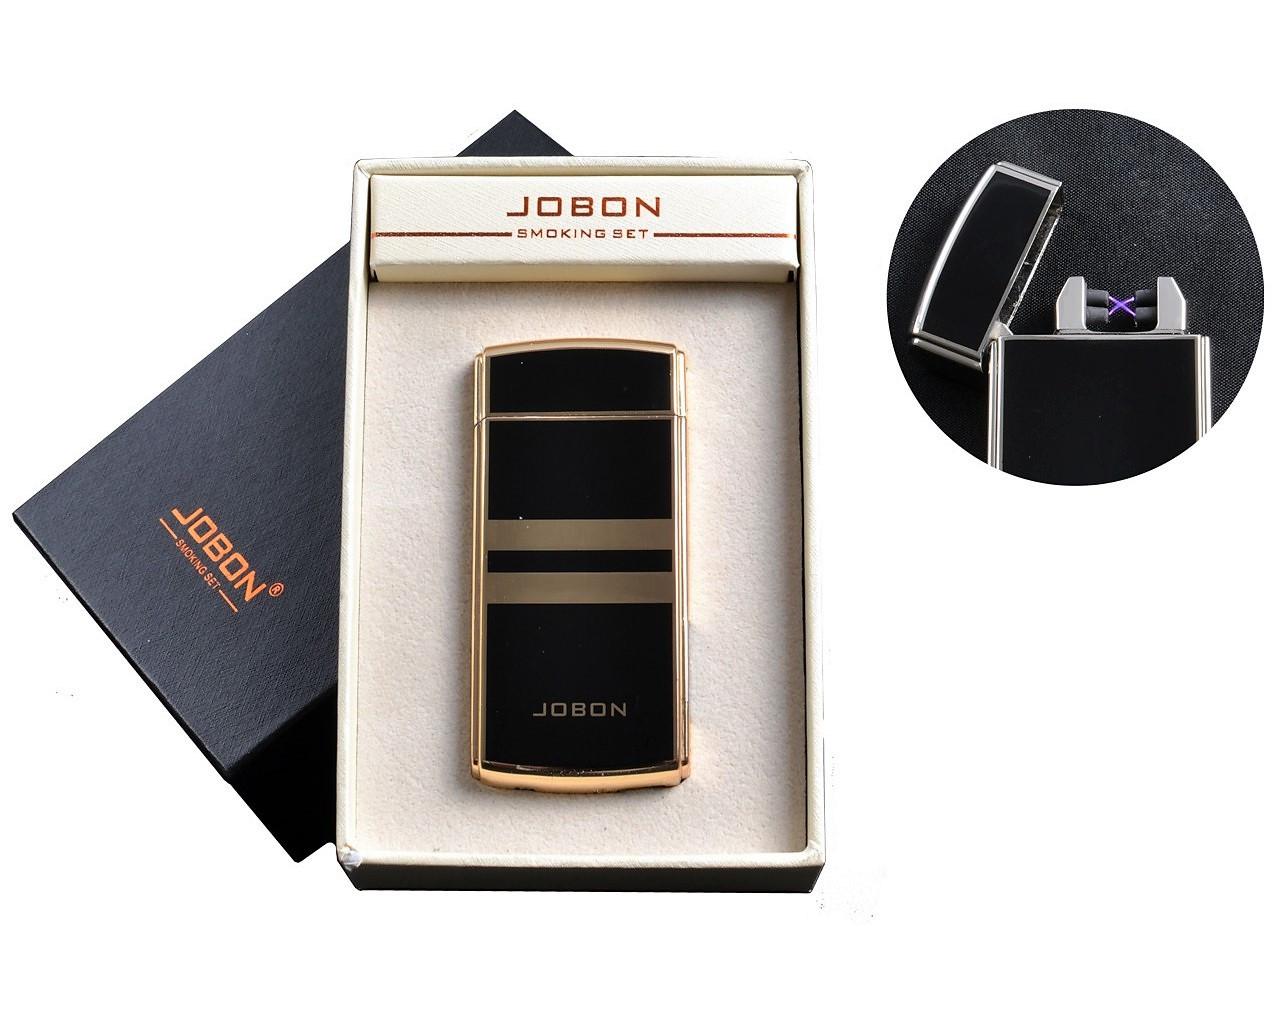 """Электроимпульсная USB зажигалка """"Jobon"""" №4780-1, счетчик использования, включение встряхиванием, две молнии"""